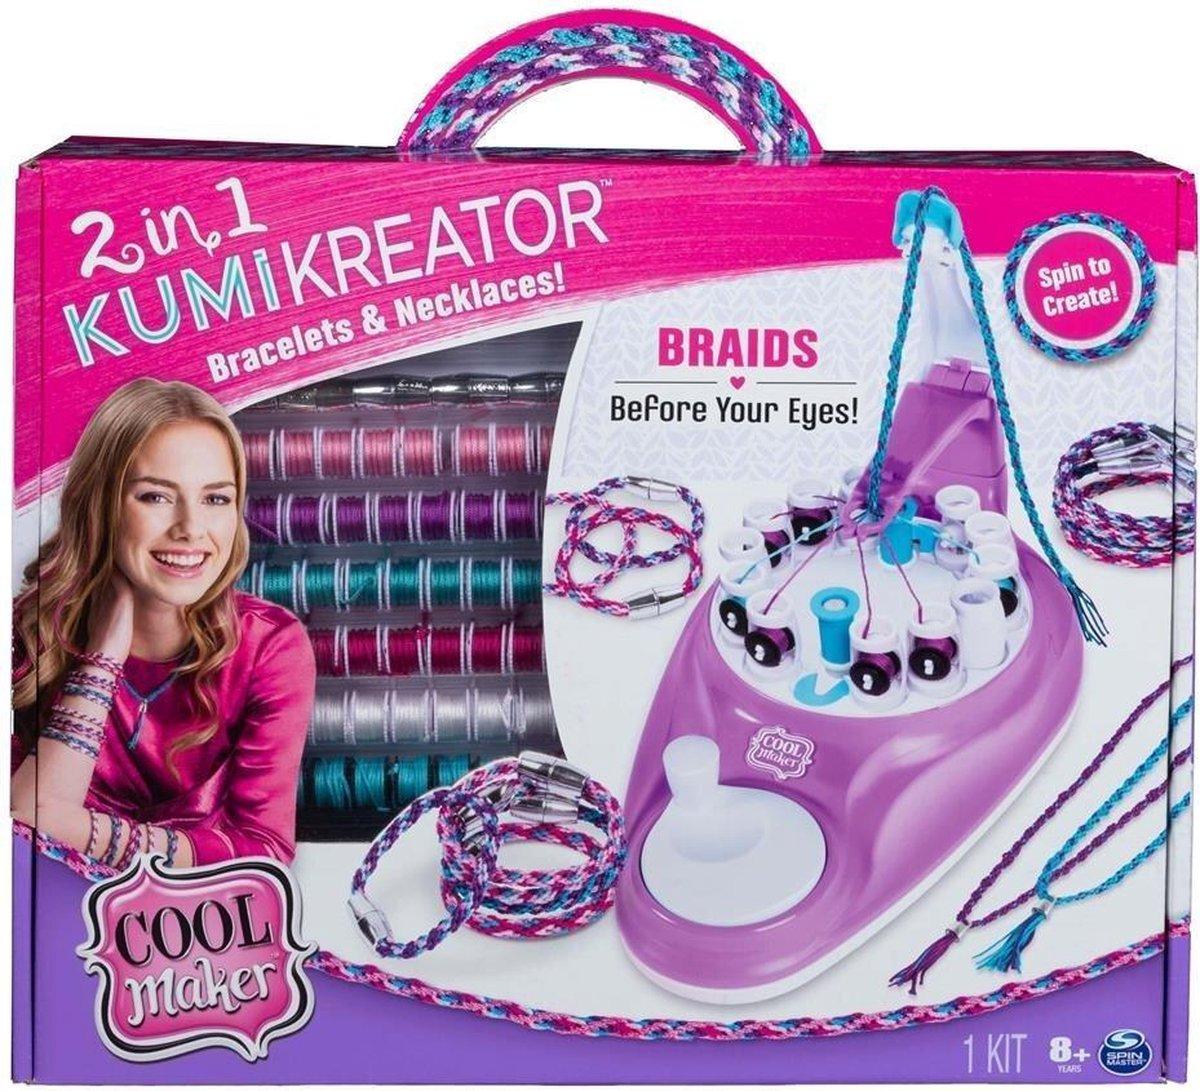 Cool Maker 2in1 Kumi Kreator